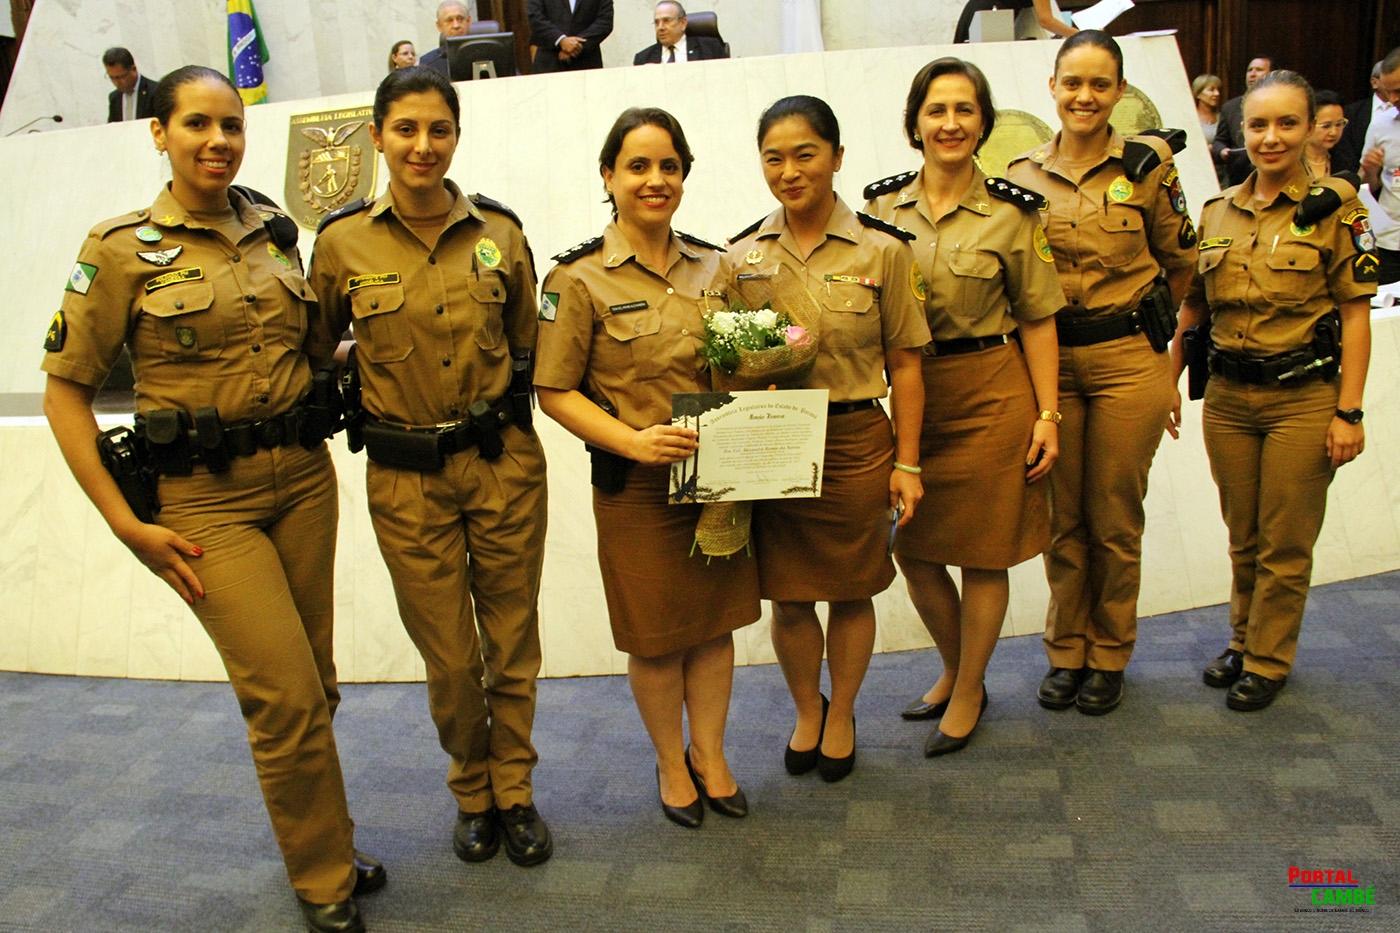 Assembleia Legislativa do Paraná homenageia as policiais militares